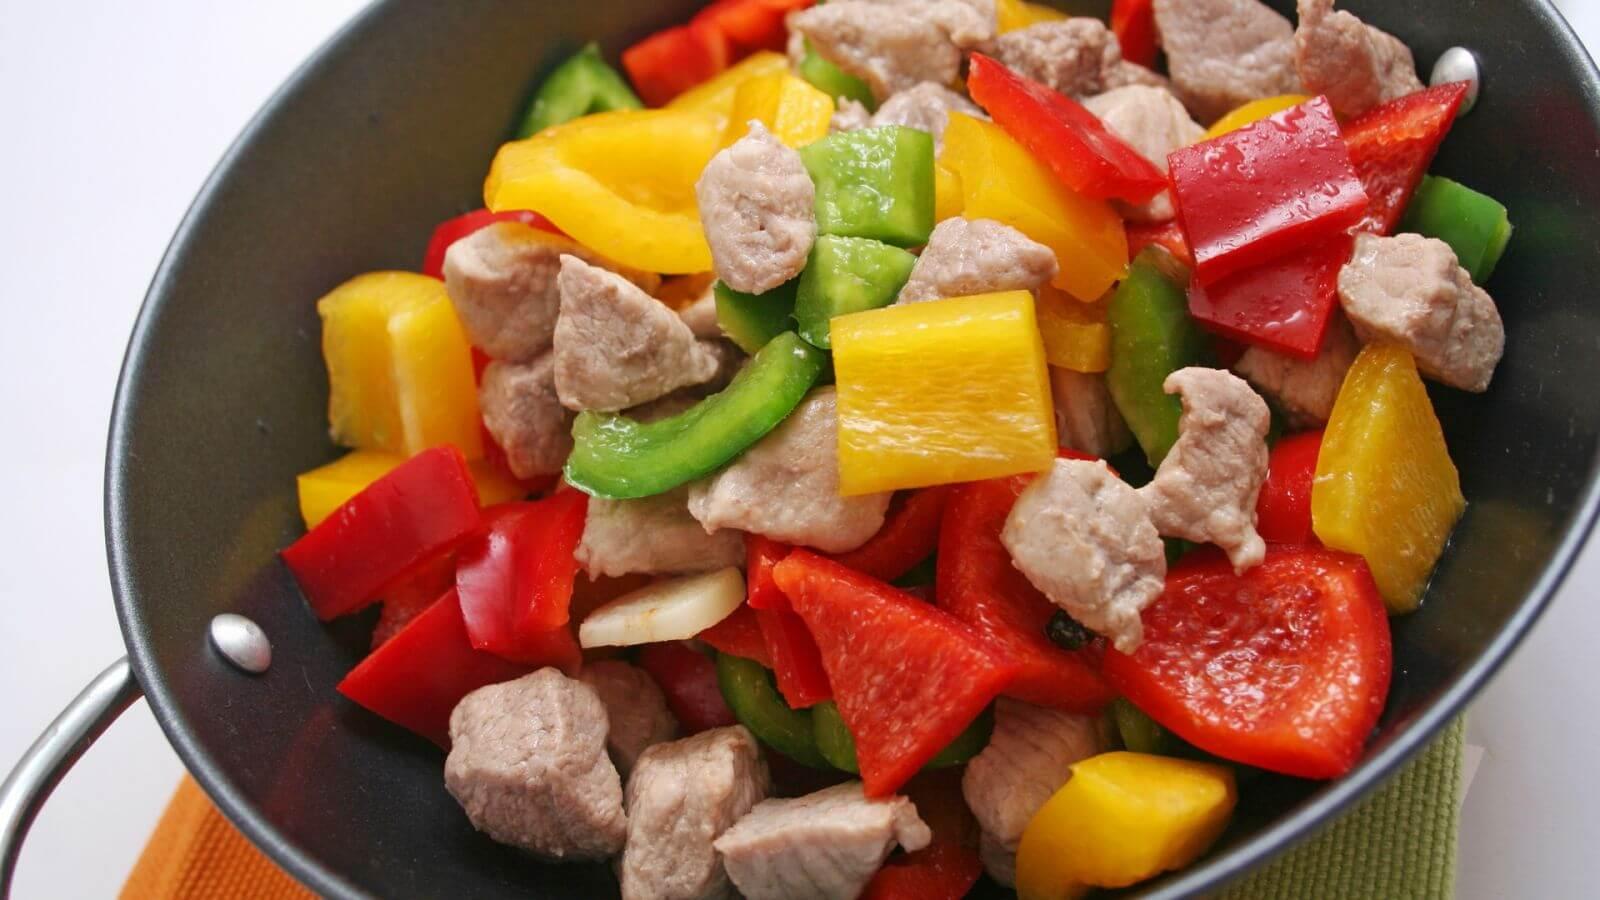 Диета на рыбе и овощах, боремся с лишними килограммами с пользой для организма